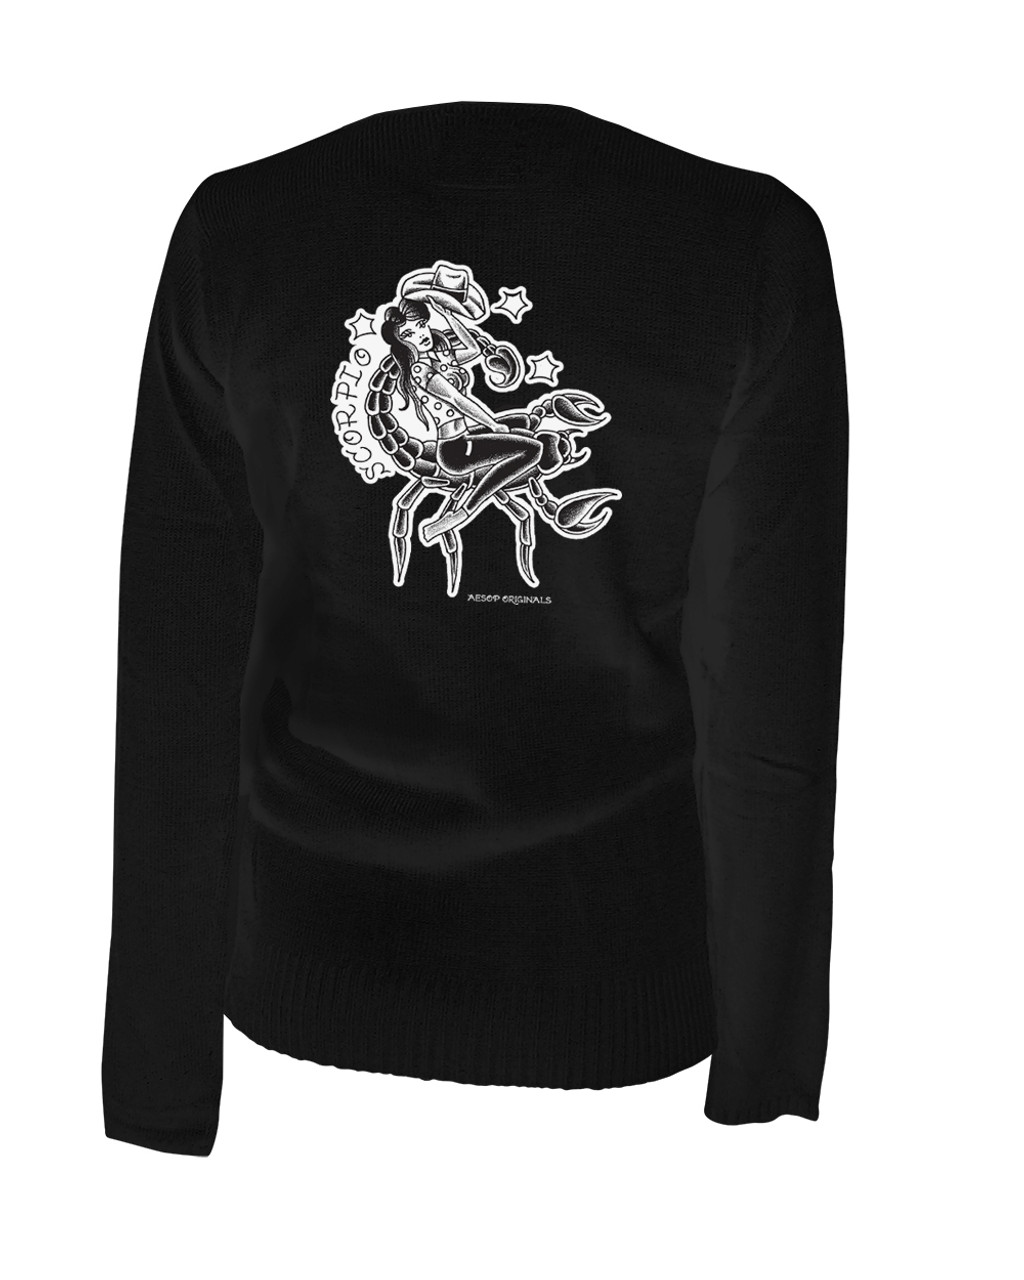 Scorpio - Retro Zodiac Pinup Tattoo - Cardigan Aesop Originals Clothing  (Black)